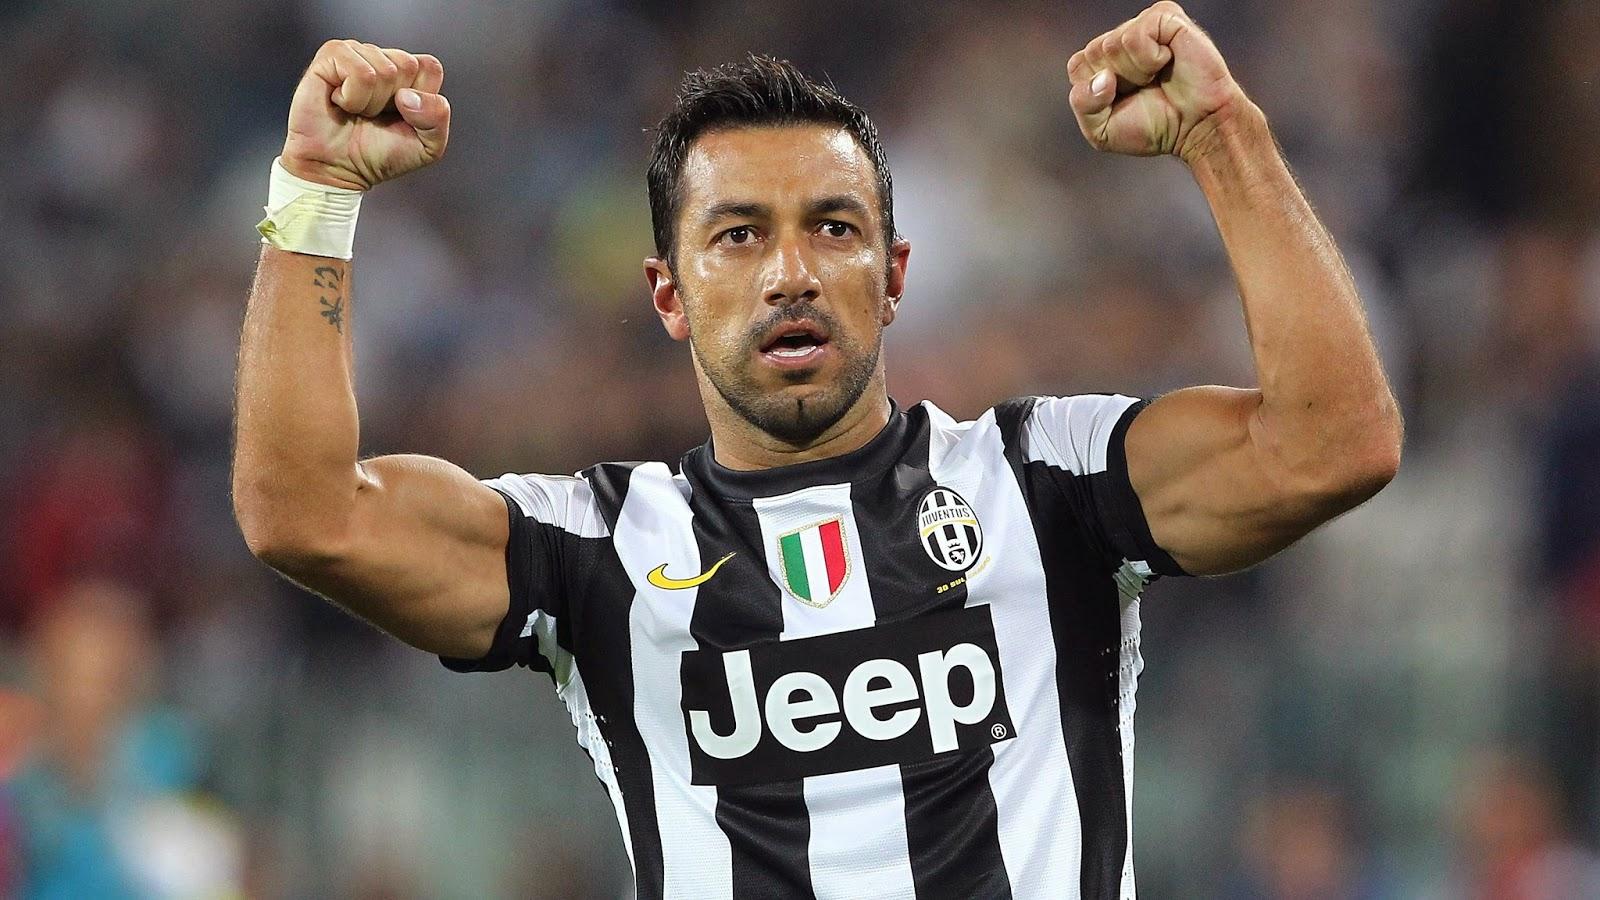 CALCIO Juventus, che errore con Quagliarella!